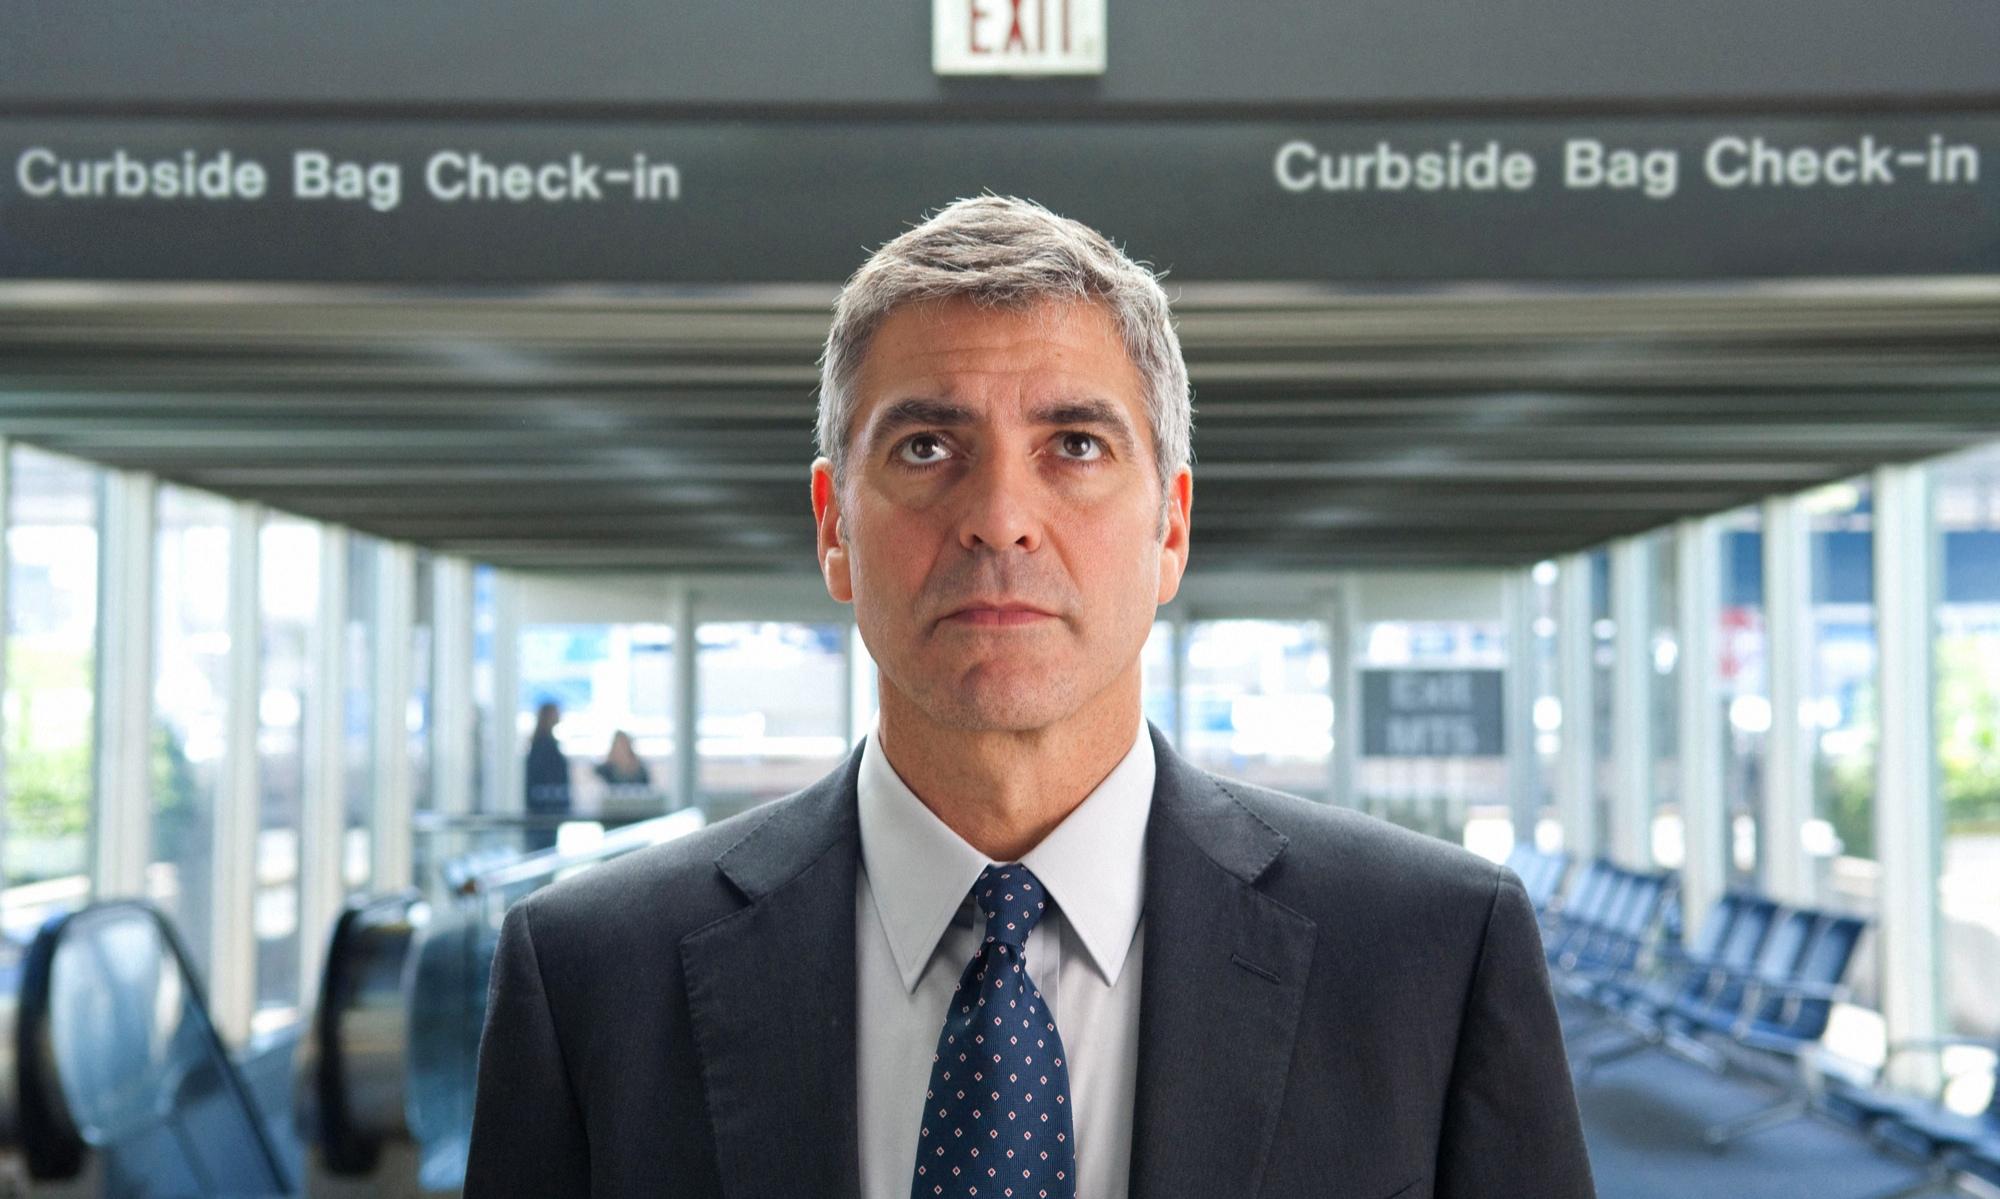 Picture of George Clooney (as Ryan Bingham) looking up